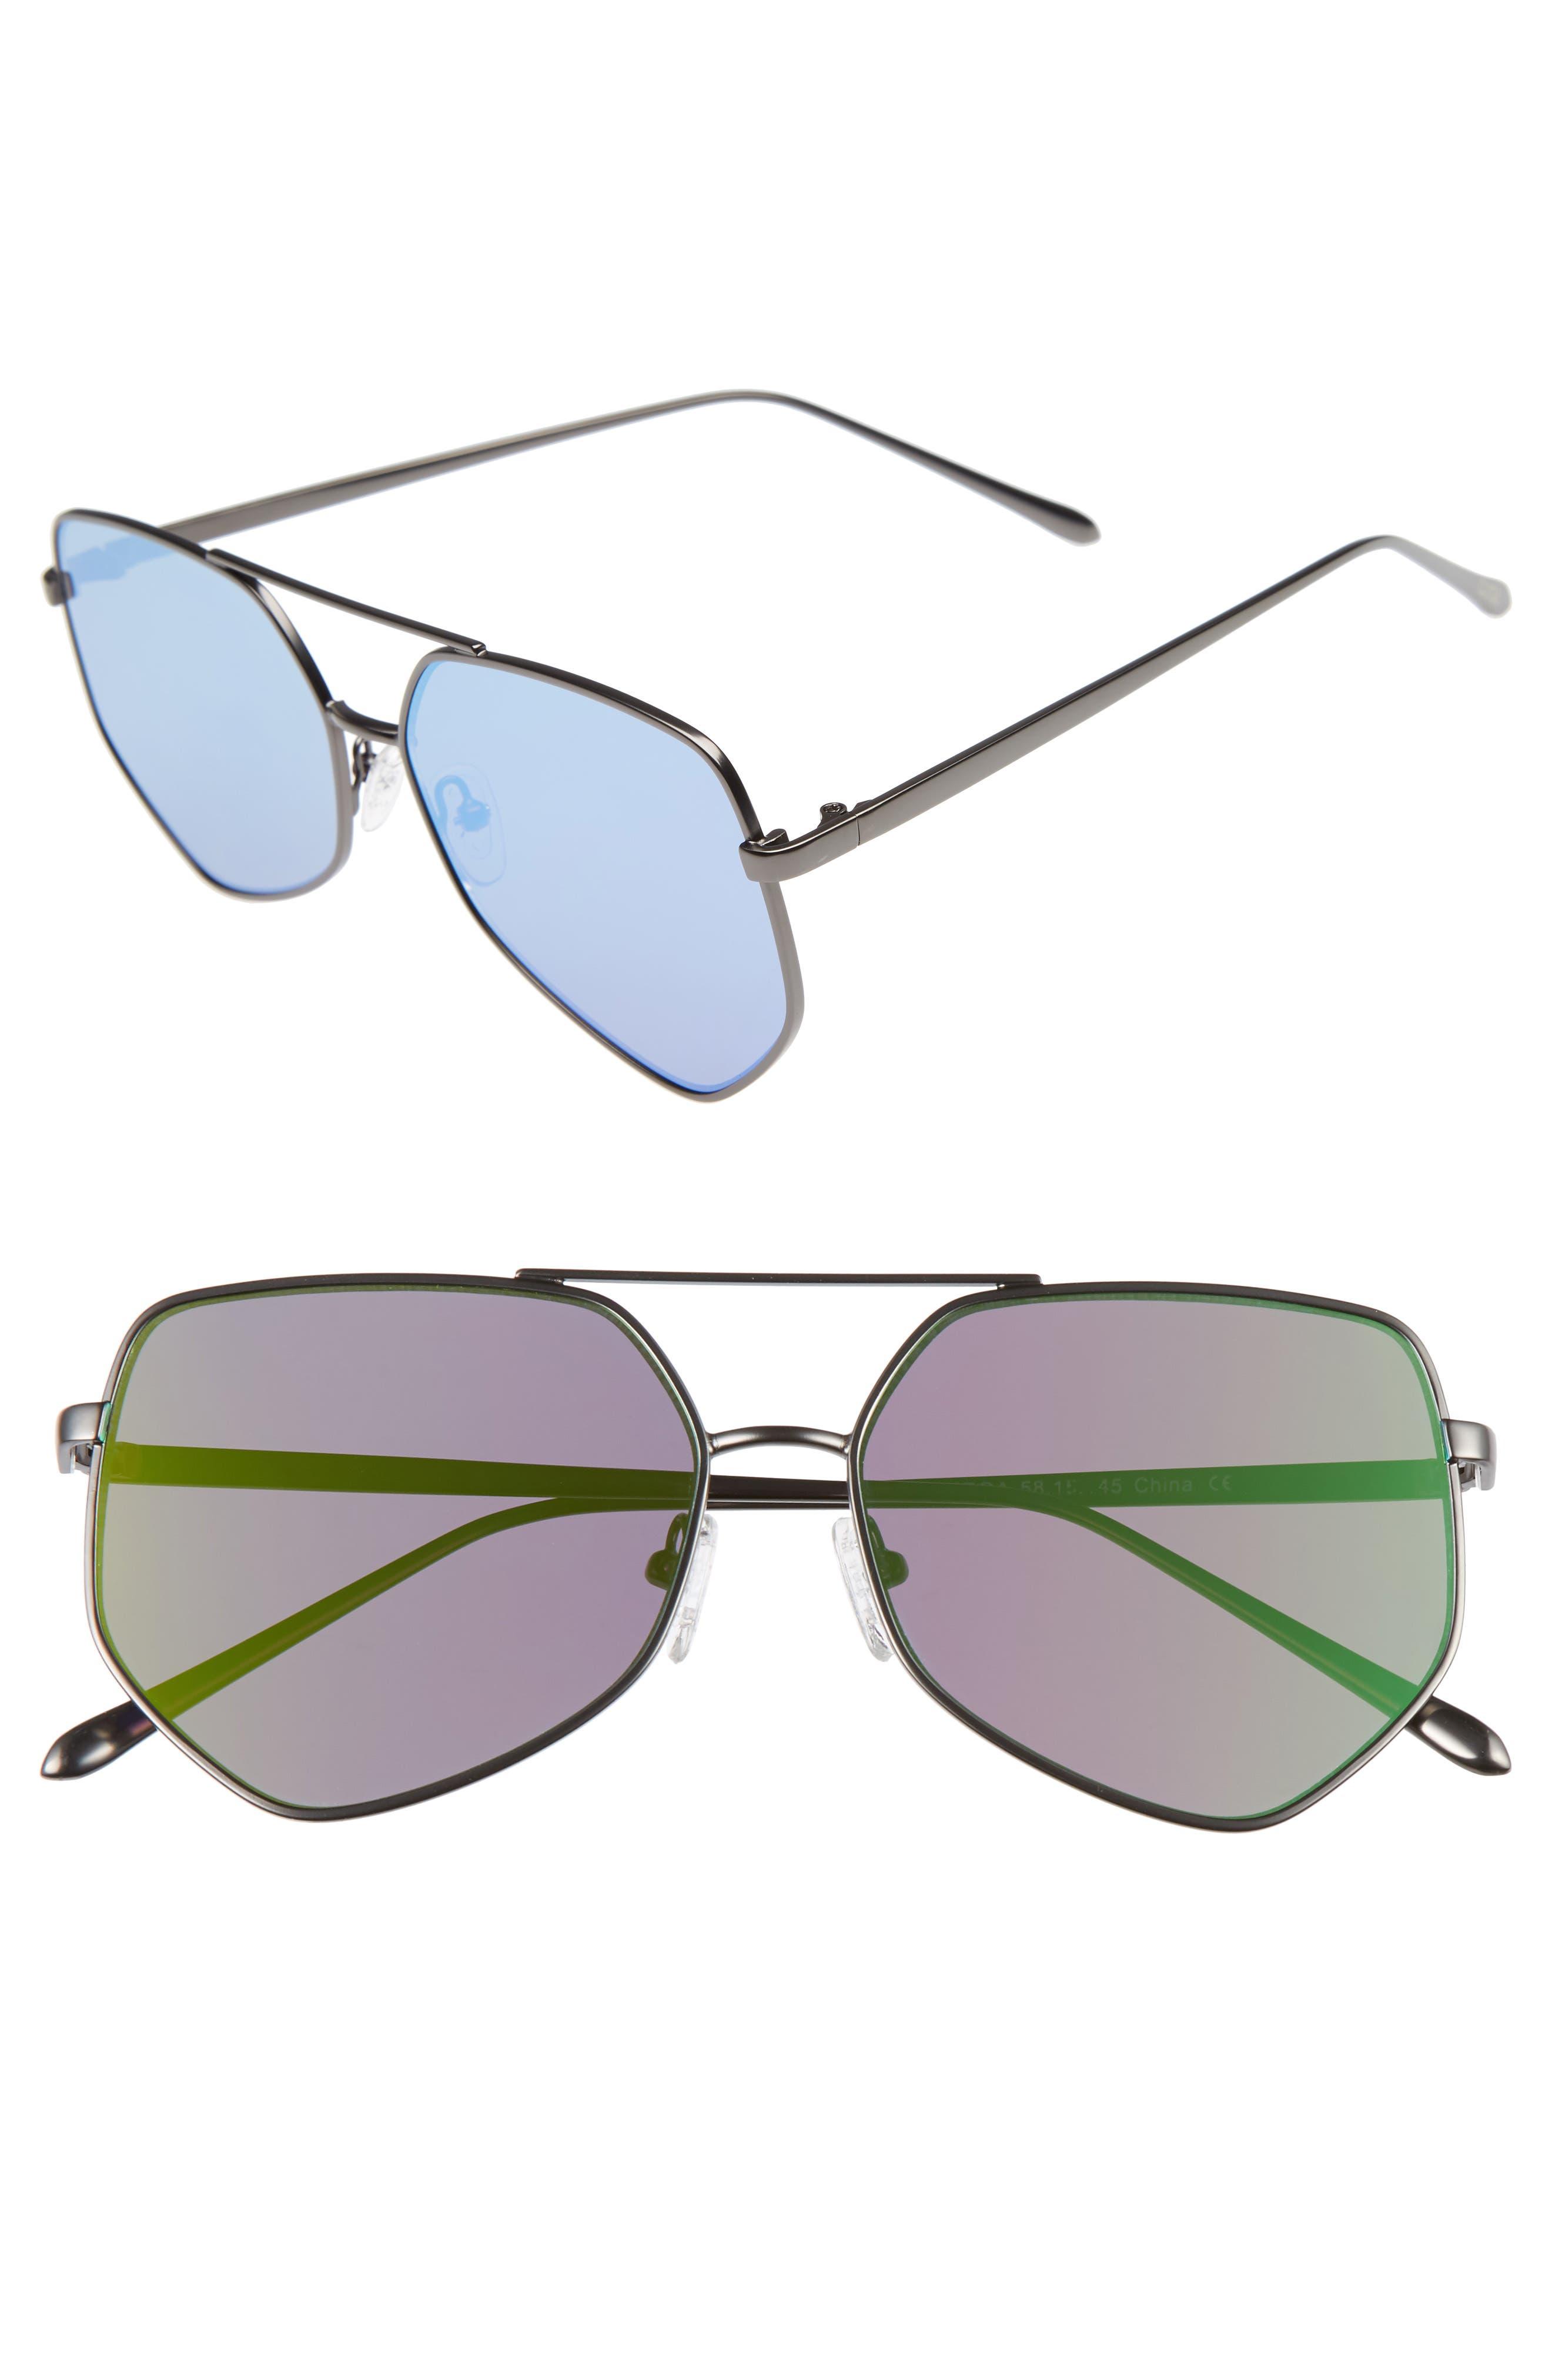 Figueroa 58mm Sunglasses,                             Main thumbnail 1, color,                             Money Green